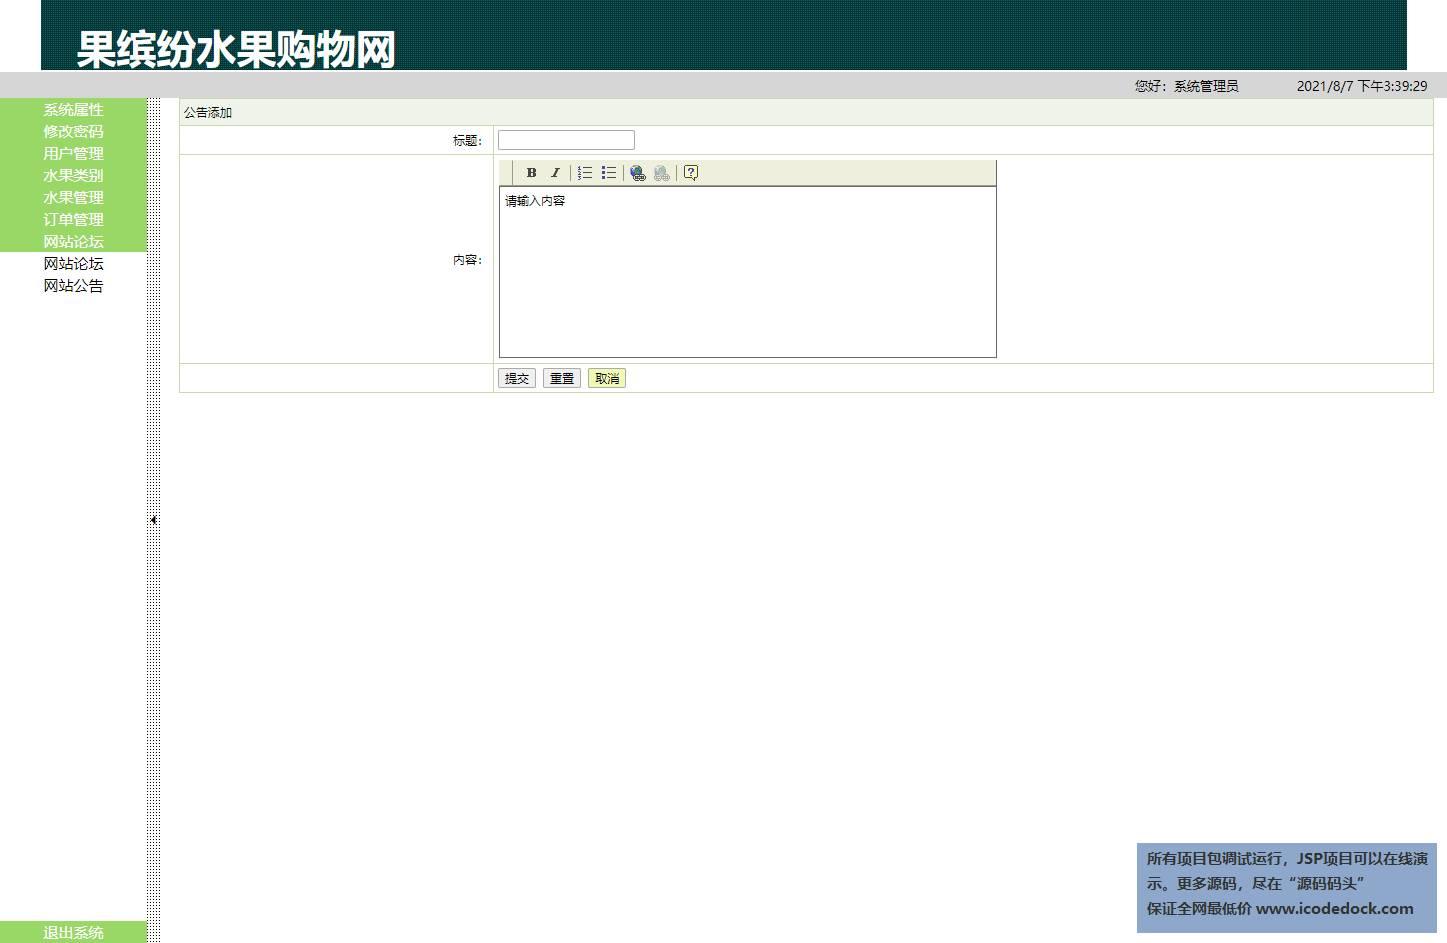 源码码头-SSH在线水果商城平台含管理系统-管理员角色-网站公告管理